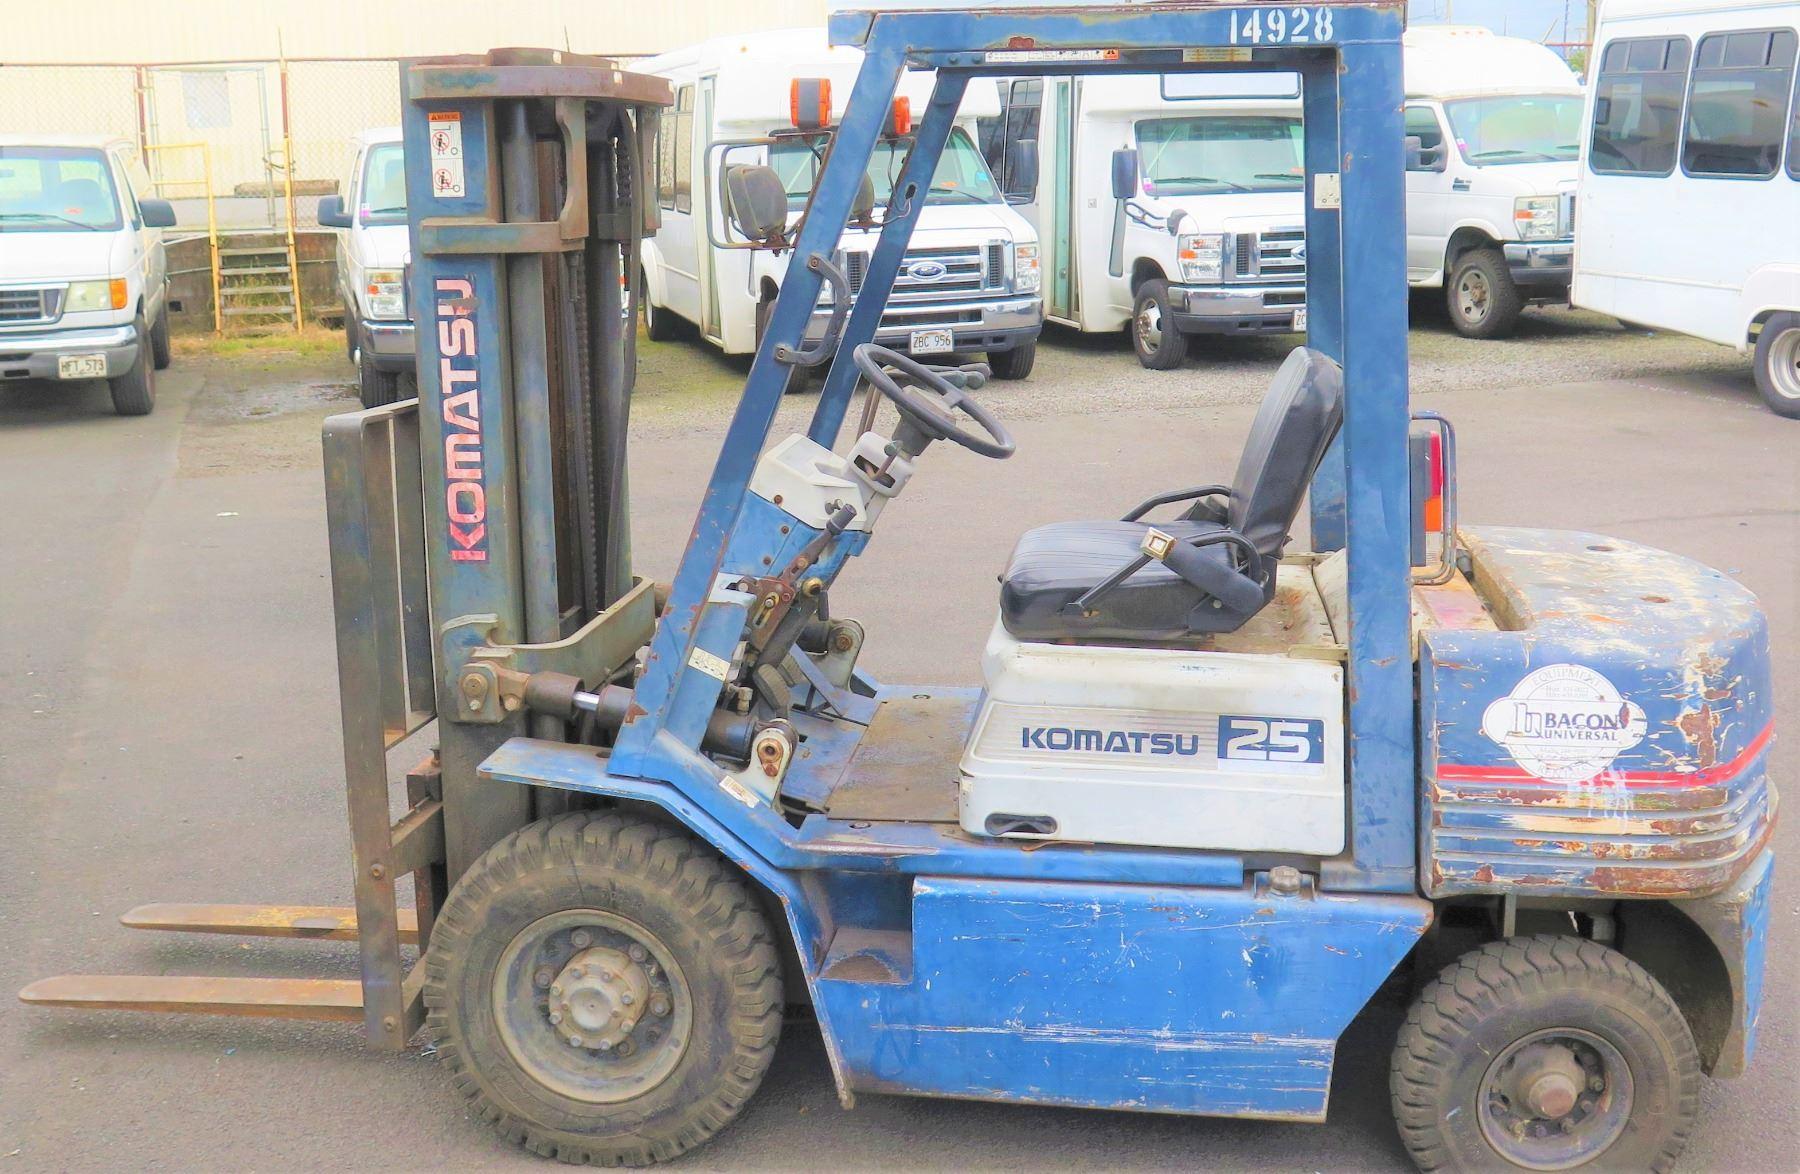 Komatsu 45 Model FG25T-11 Type G Forklift, 2495 Hours (will